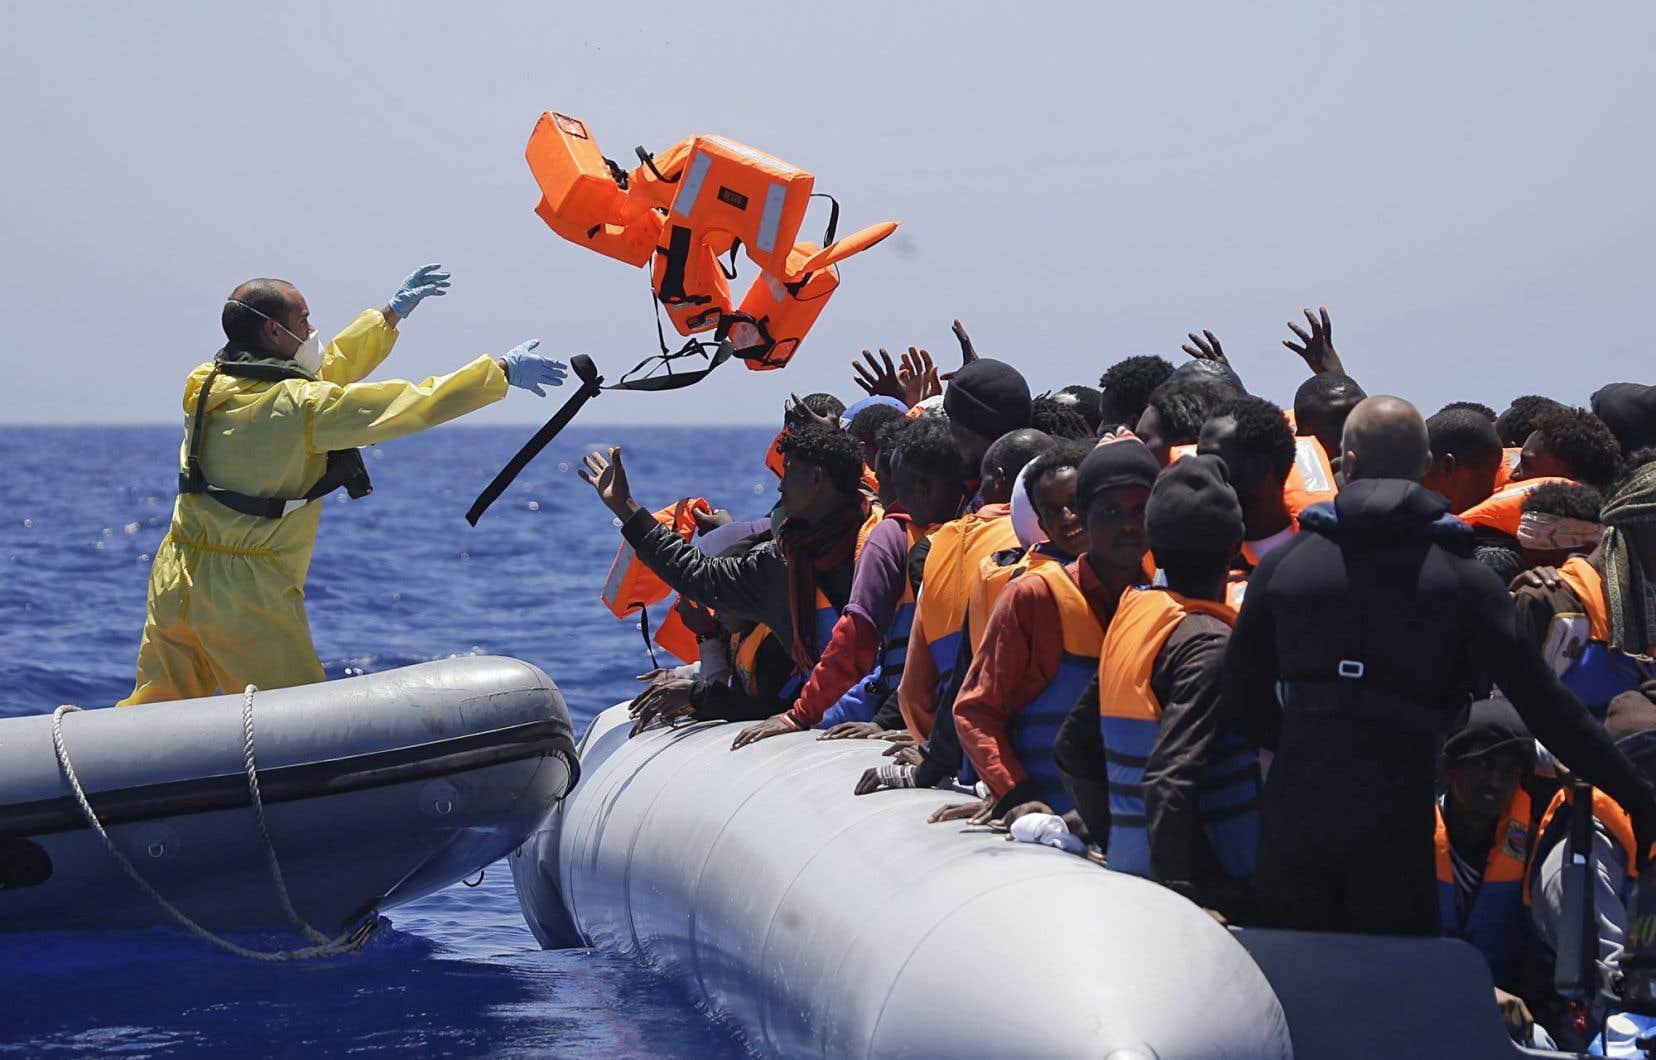 Même si le nombre de traversées connaît un pic avec les conflits en Syrie et en Libye, cela reste gérable pour une Union européenne de 500 millions d'habitants.